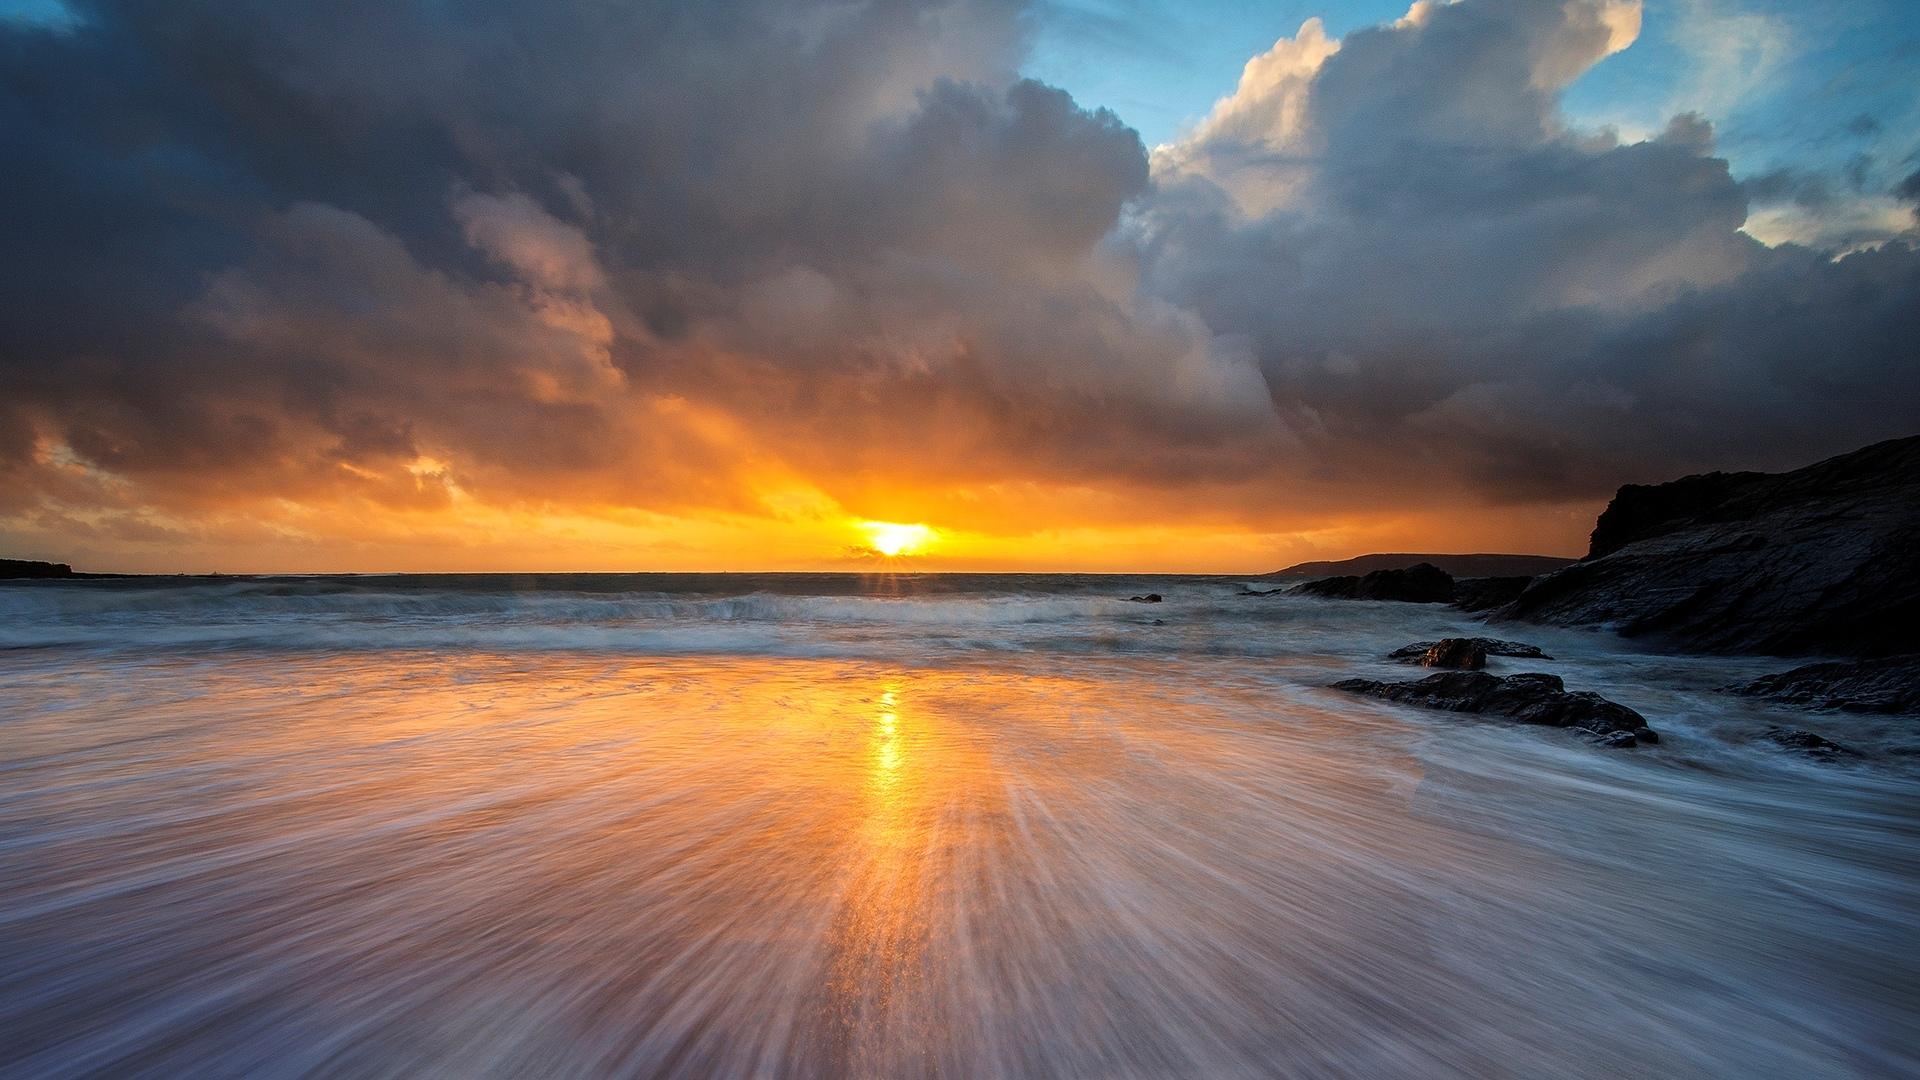 Sun Beach And Sea Wallpaper: Beach Sunset HD Wallpaper